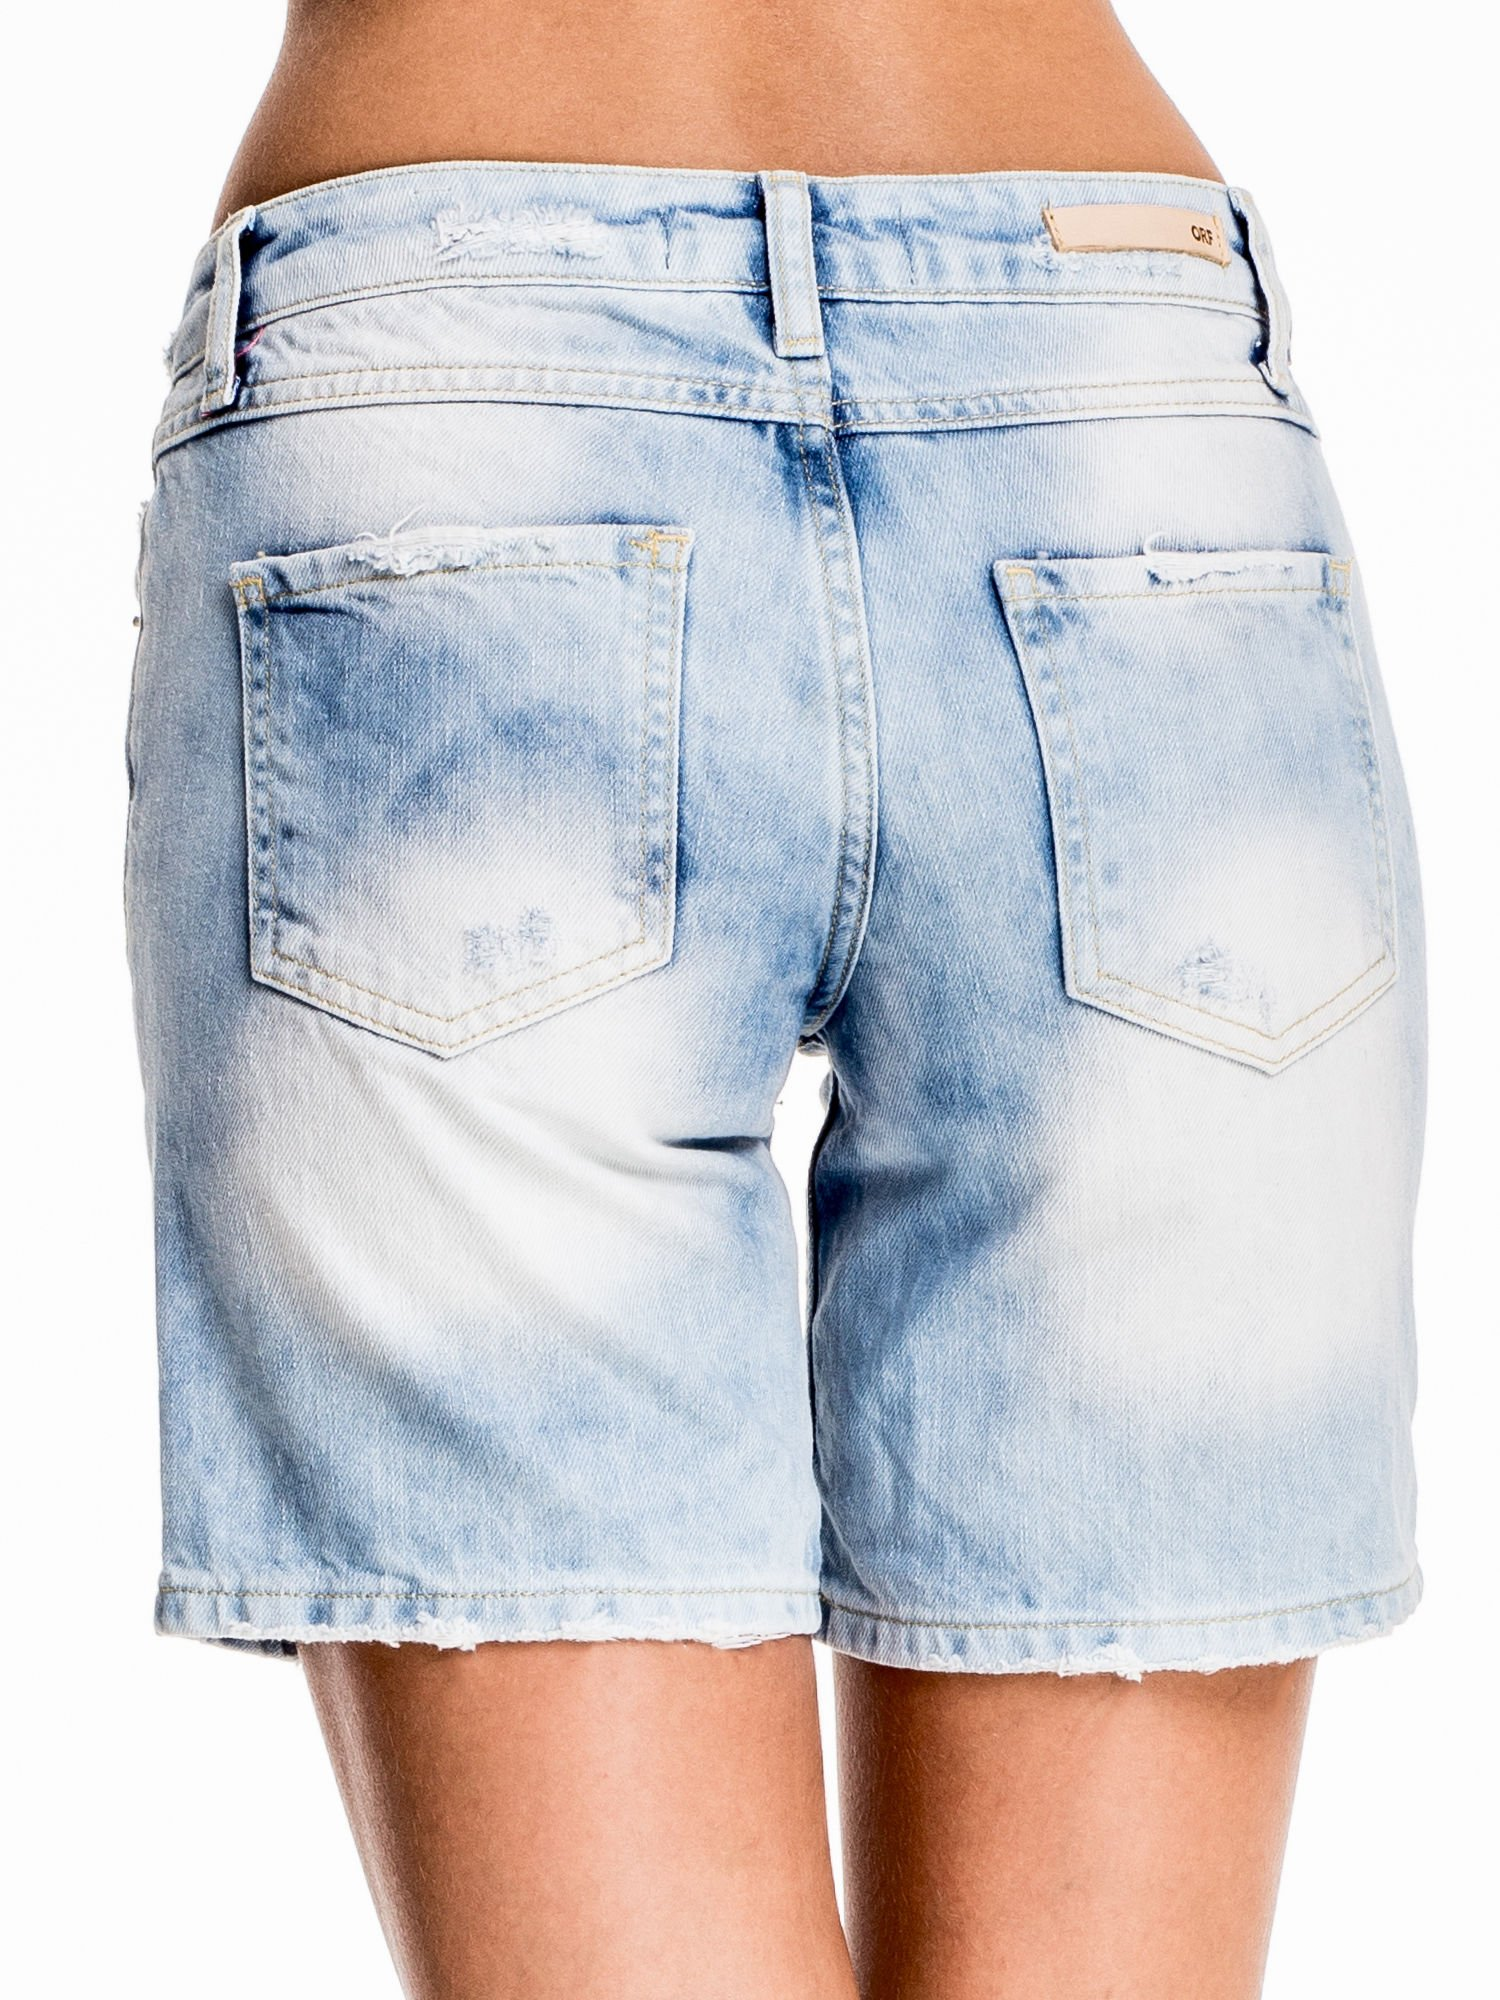 Jasnoniebieskie jeansowe szorty z dłuższą nogawką                                  zdj.                                  2